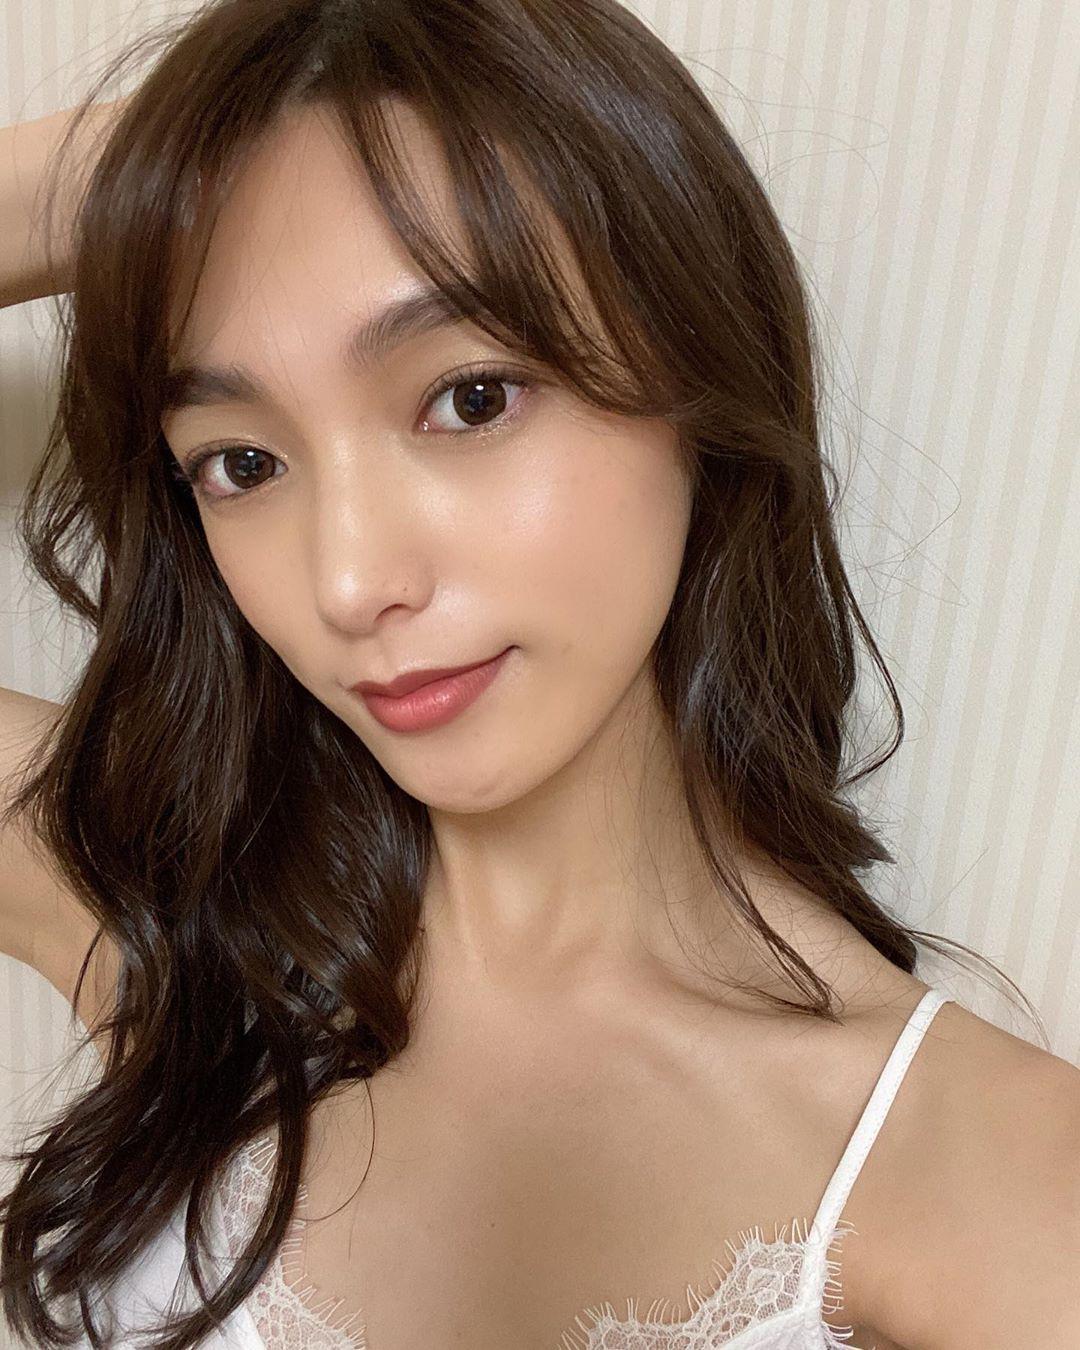 uCNCdG - IG正妹—秋山未有(Miyu Akiyama)